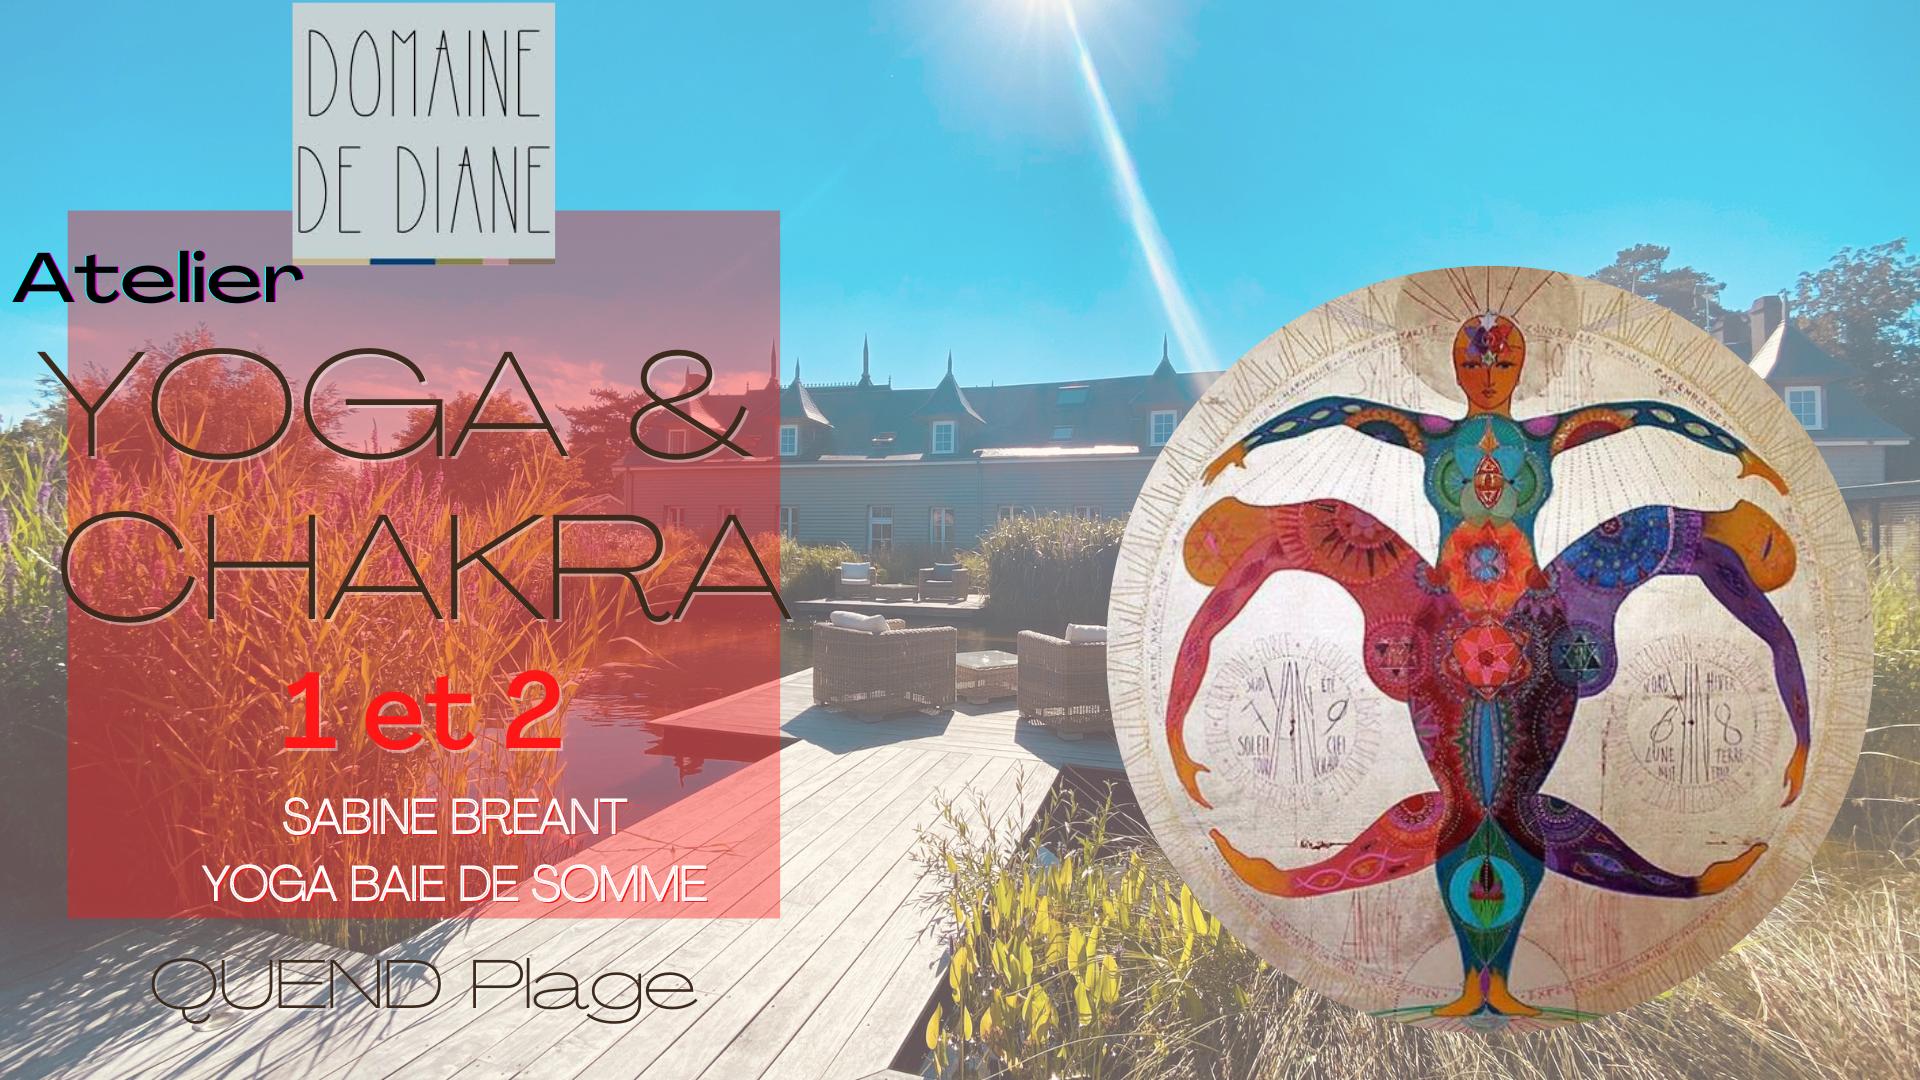 atelier YOGA & Chakra #1